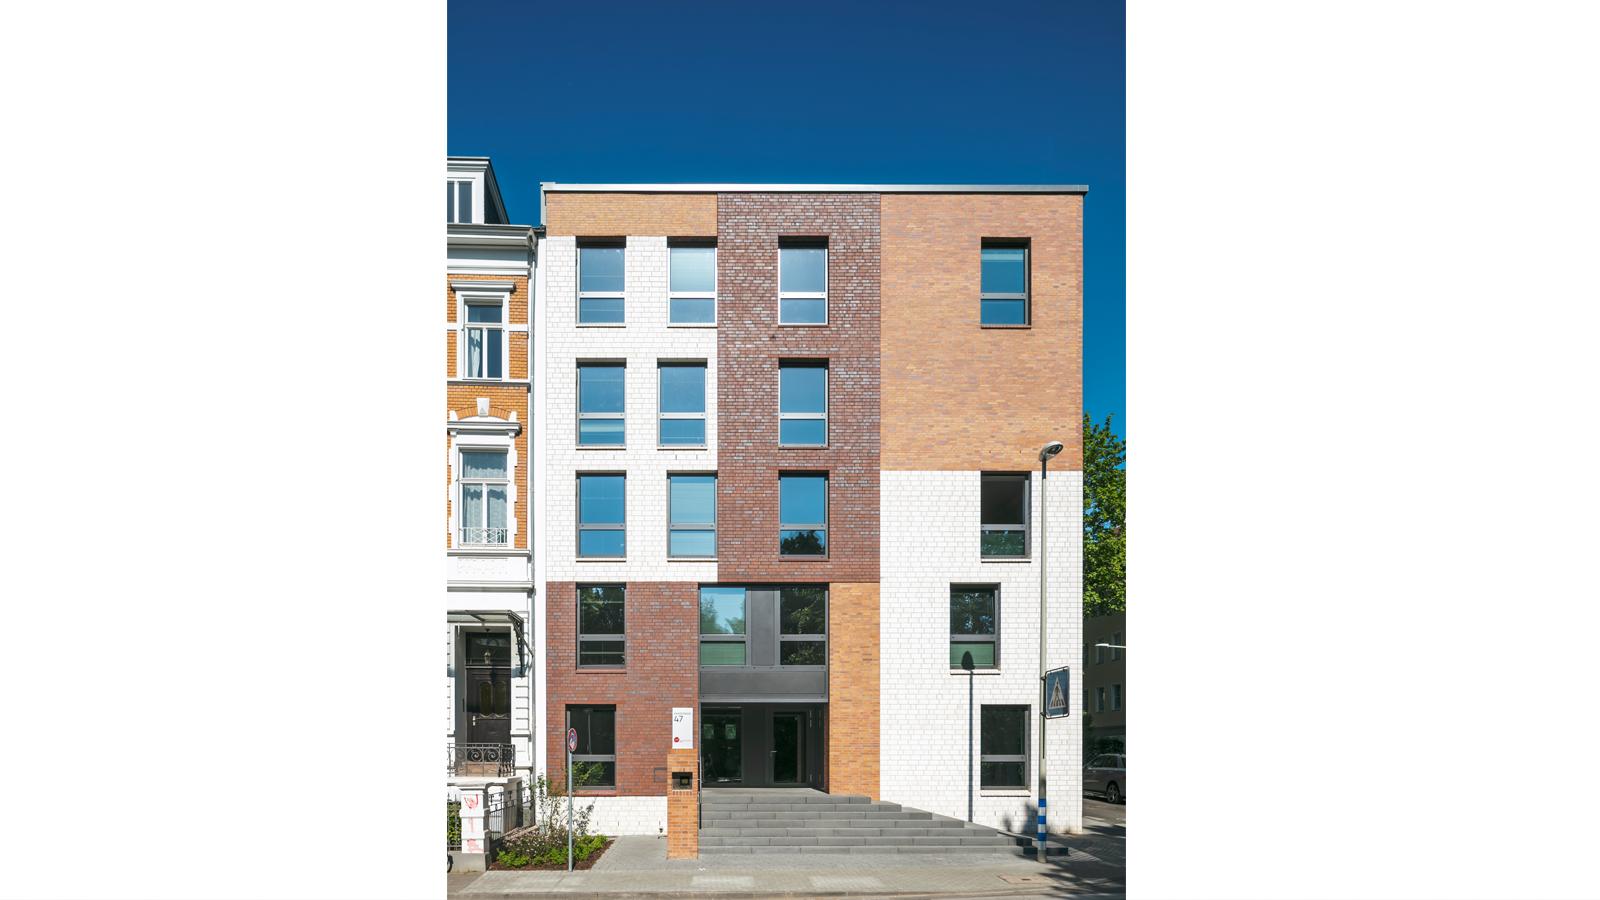 Studierendenwohnheim Kaiserstraße, Architekt Bonn, Koenigs Rütter Klinkerfassade